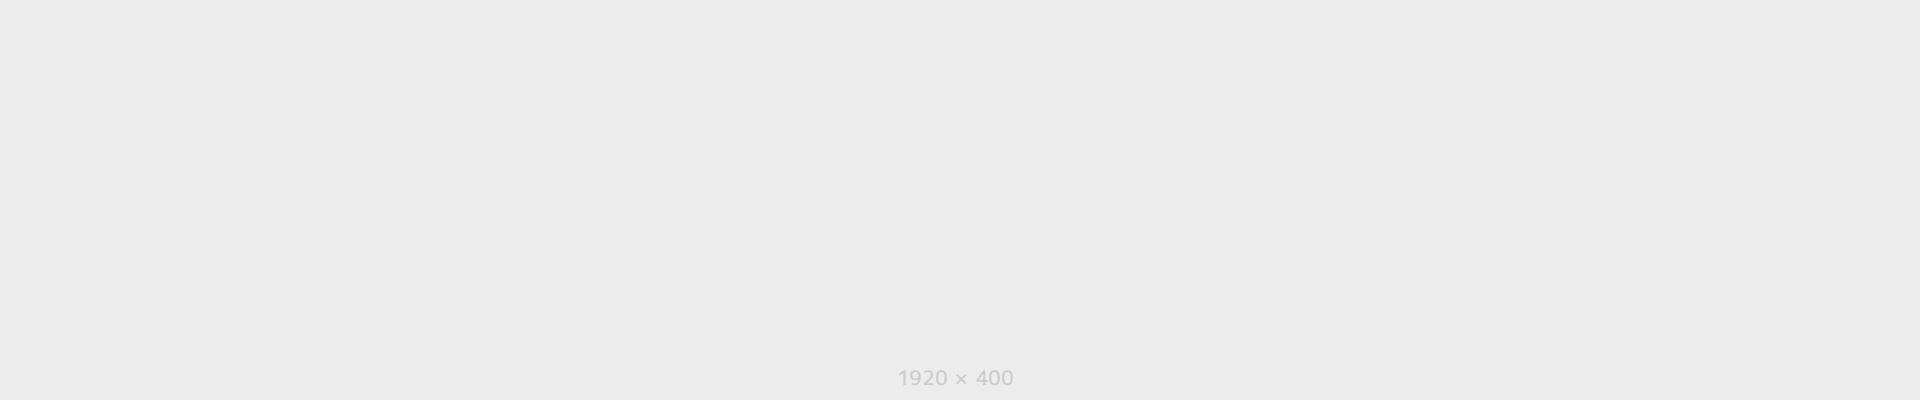 257135 jpg